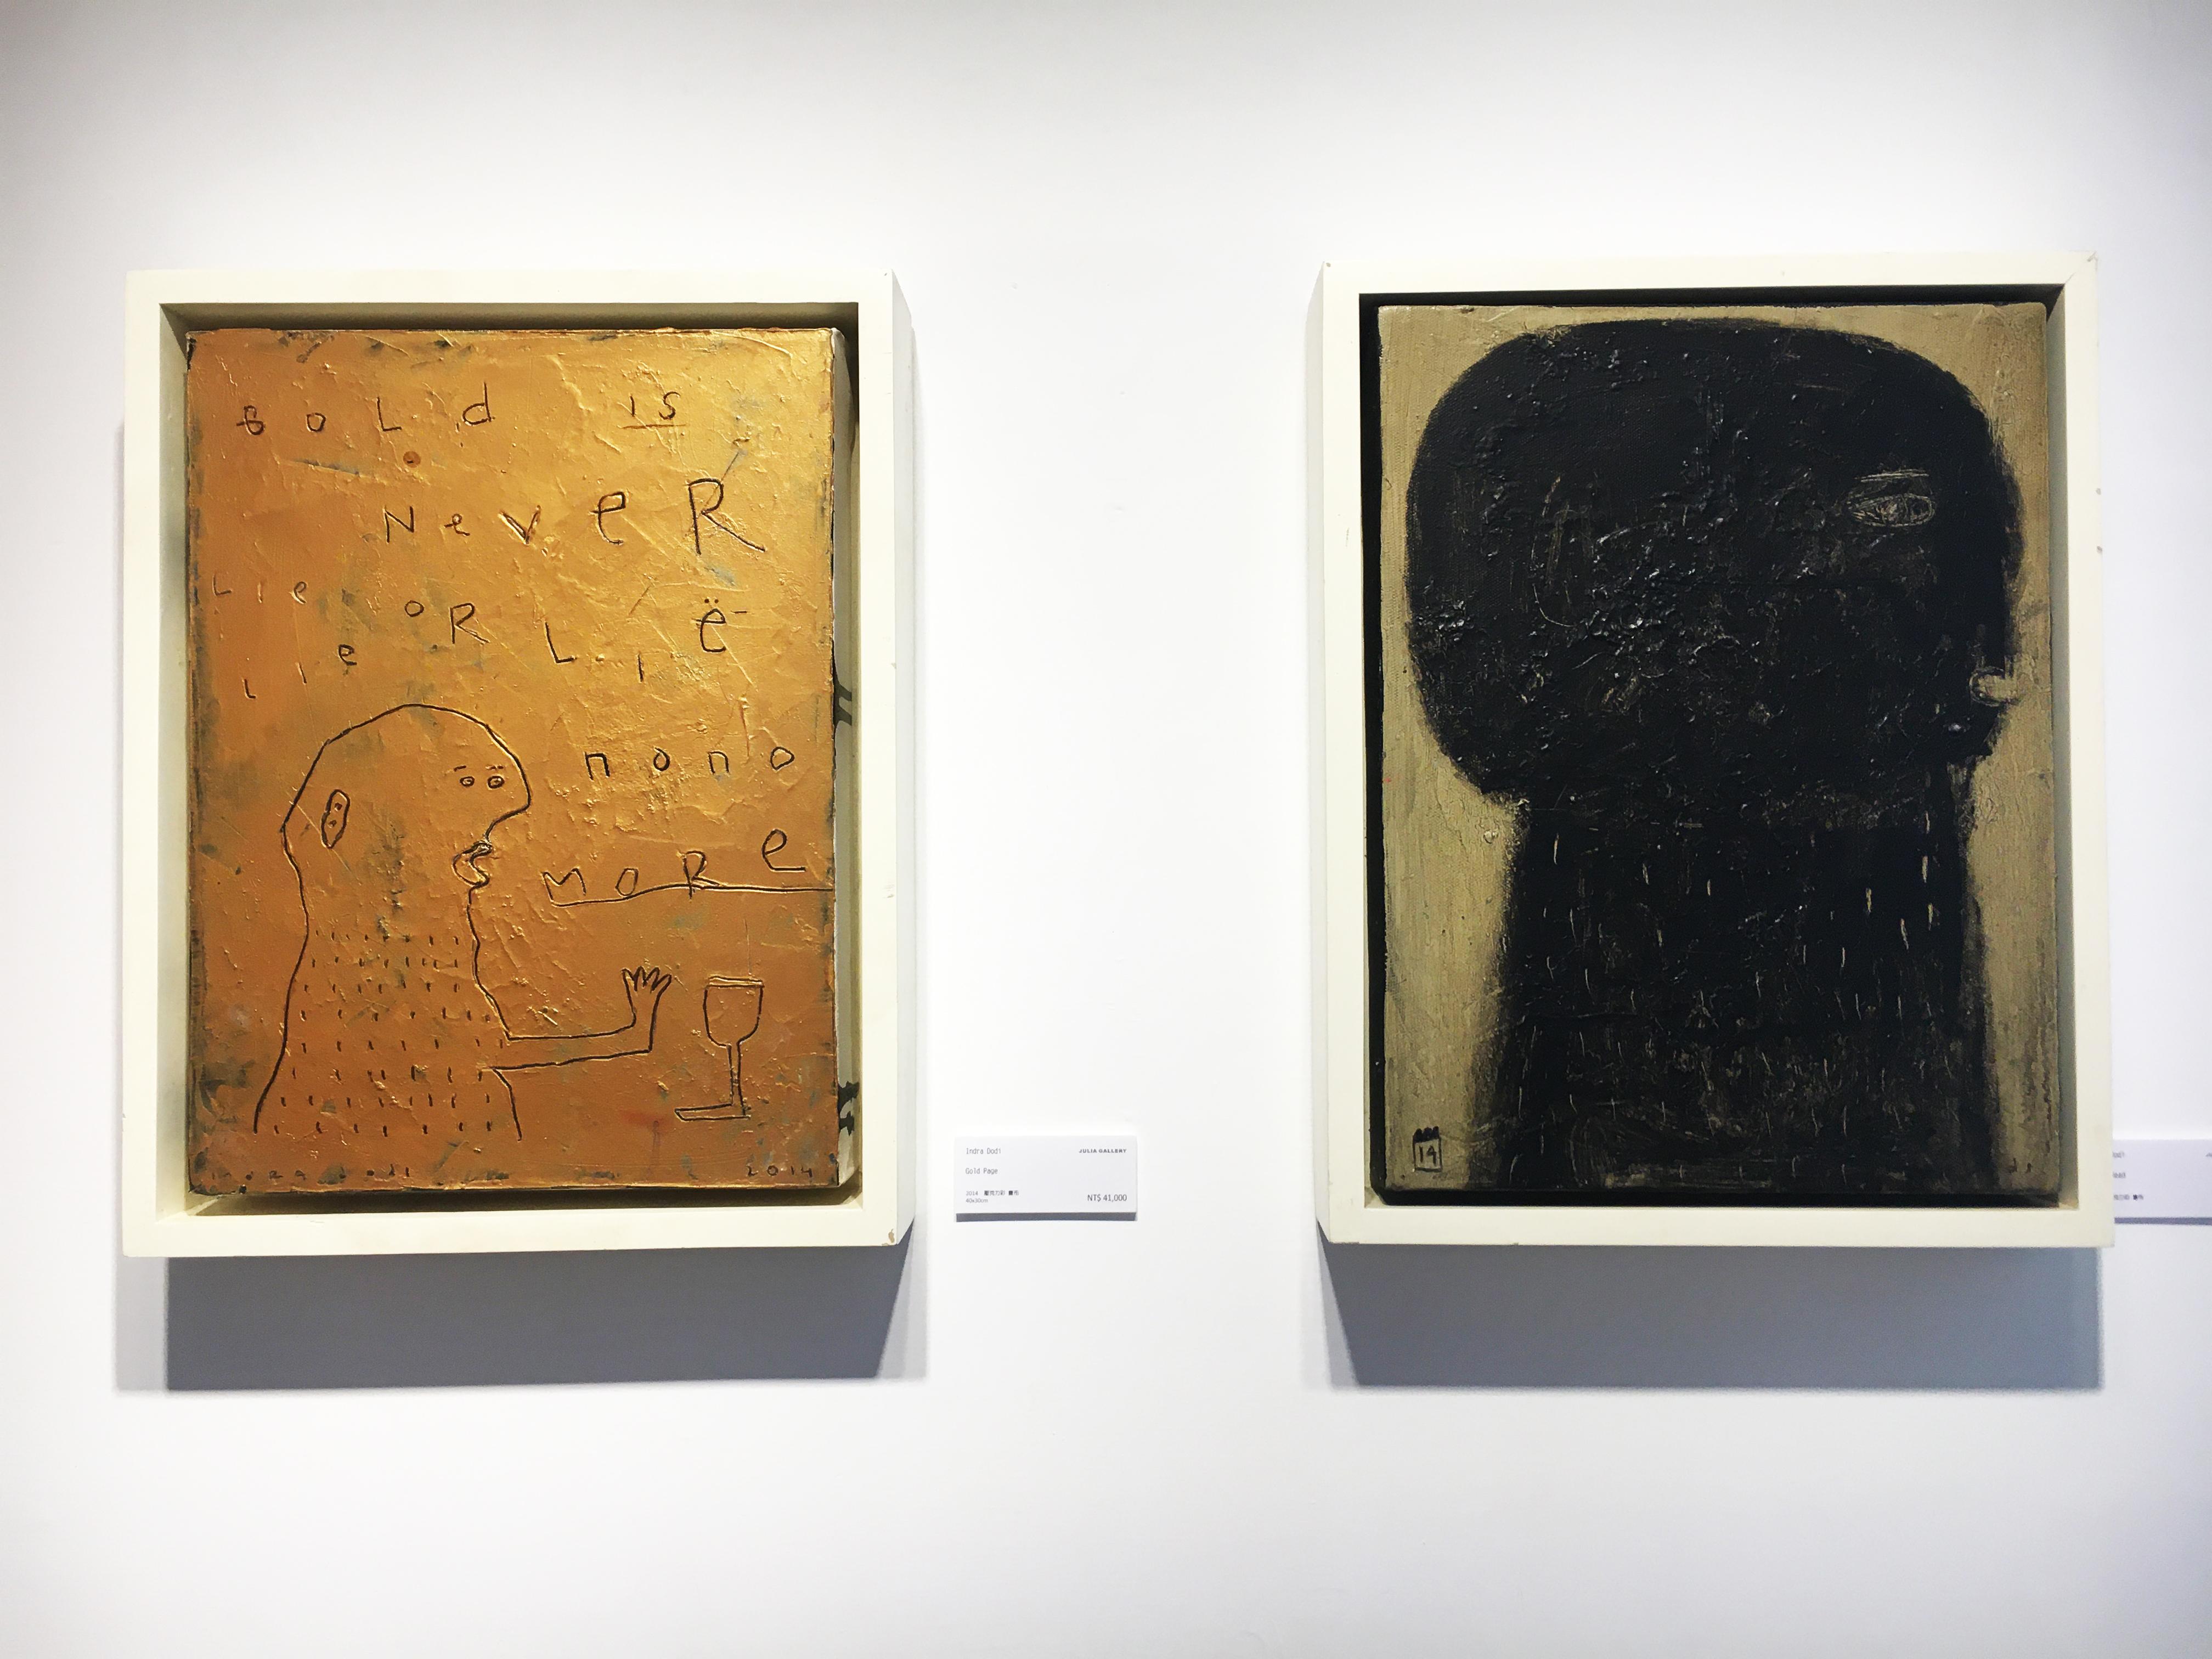 雅藝藝術中心展出藝術家Indra Dodi系列作品。